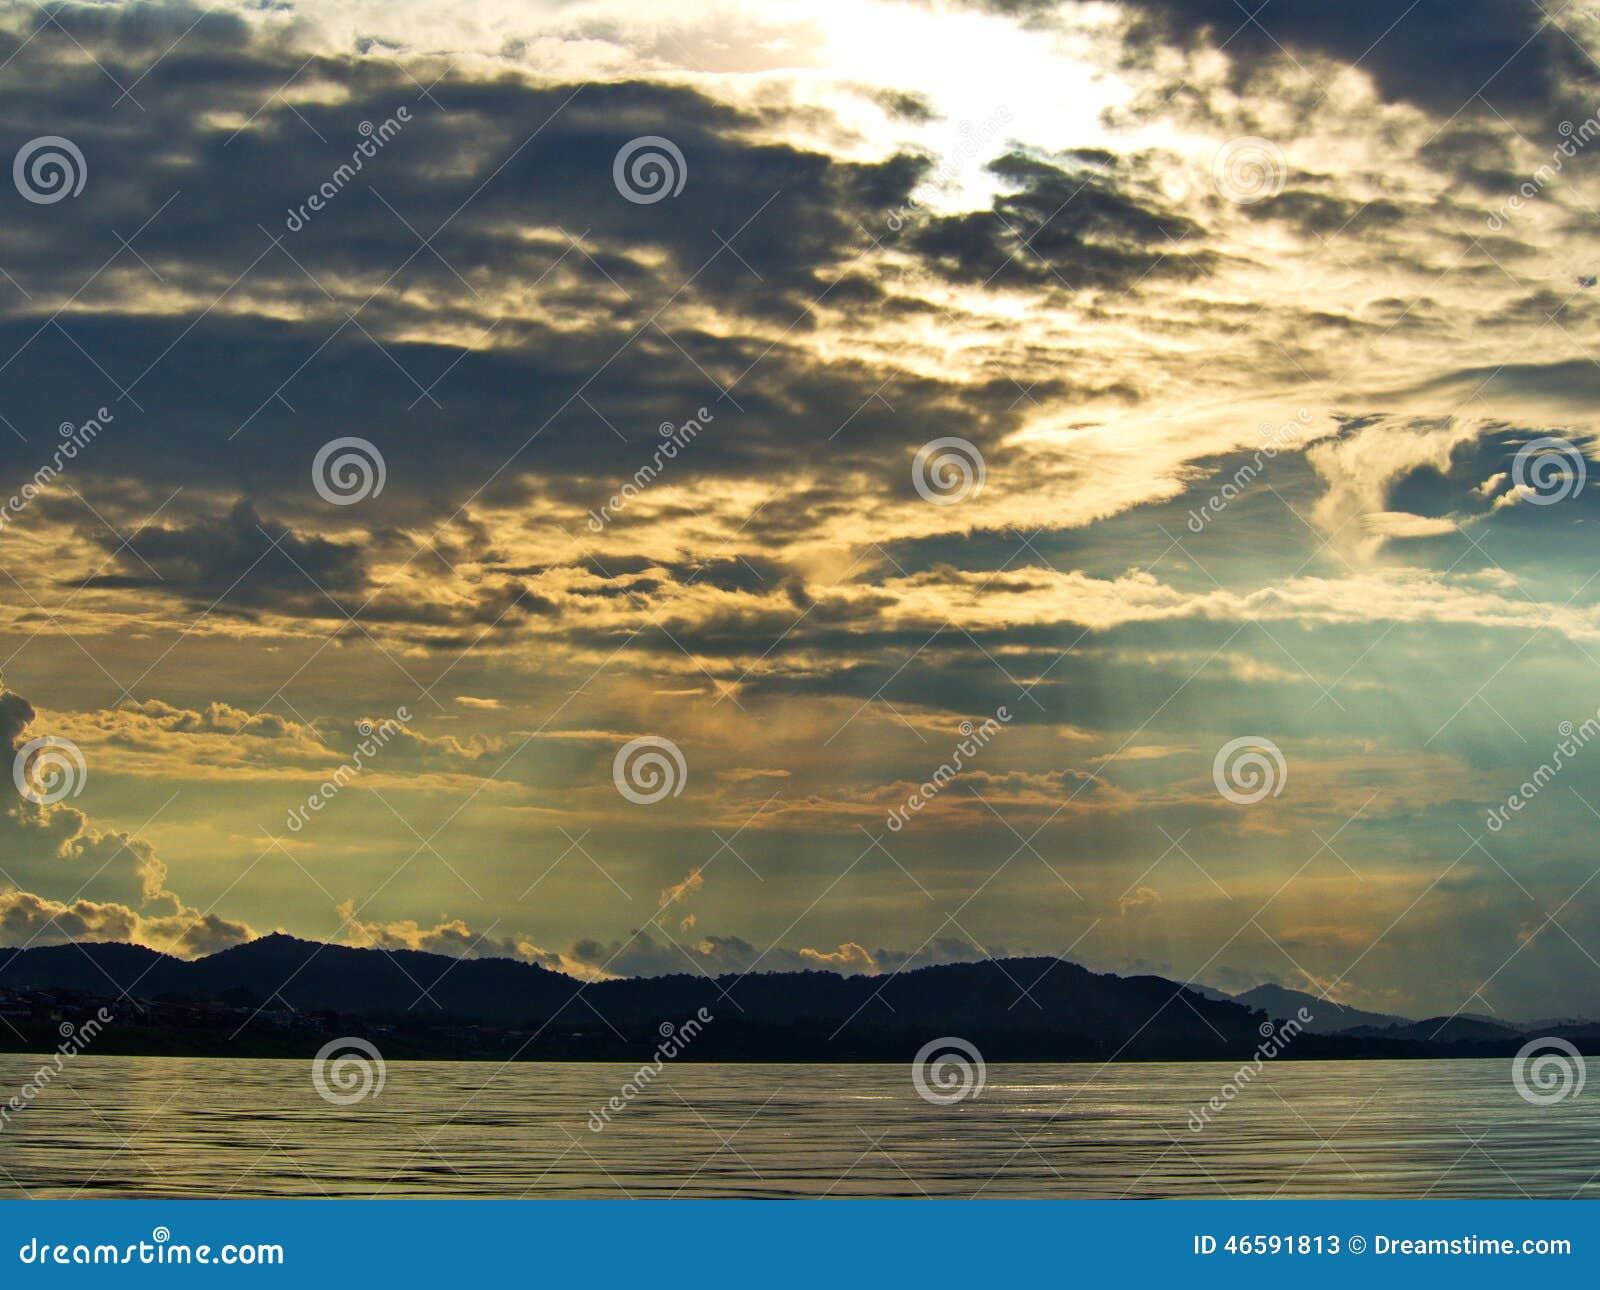 Emotion sky at river side